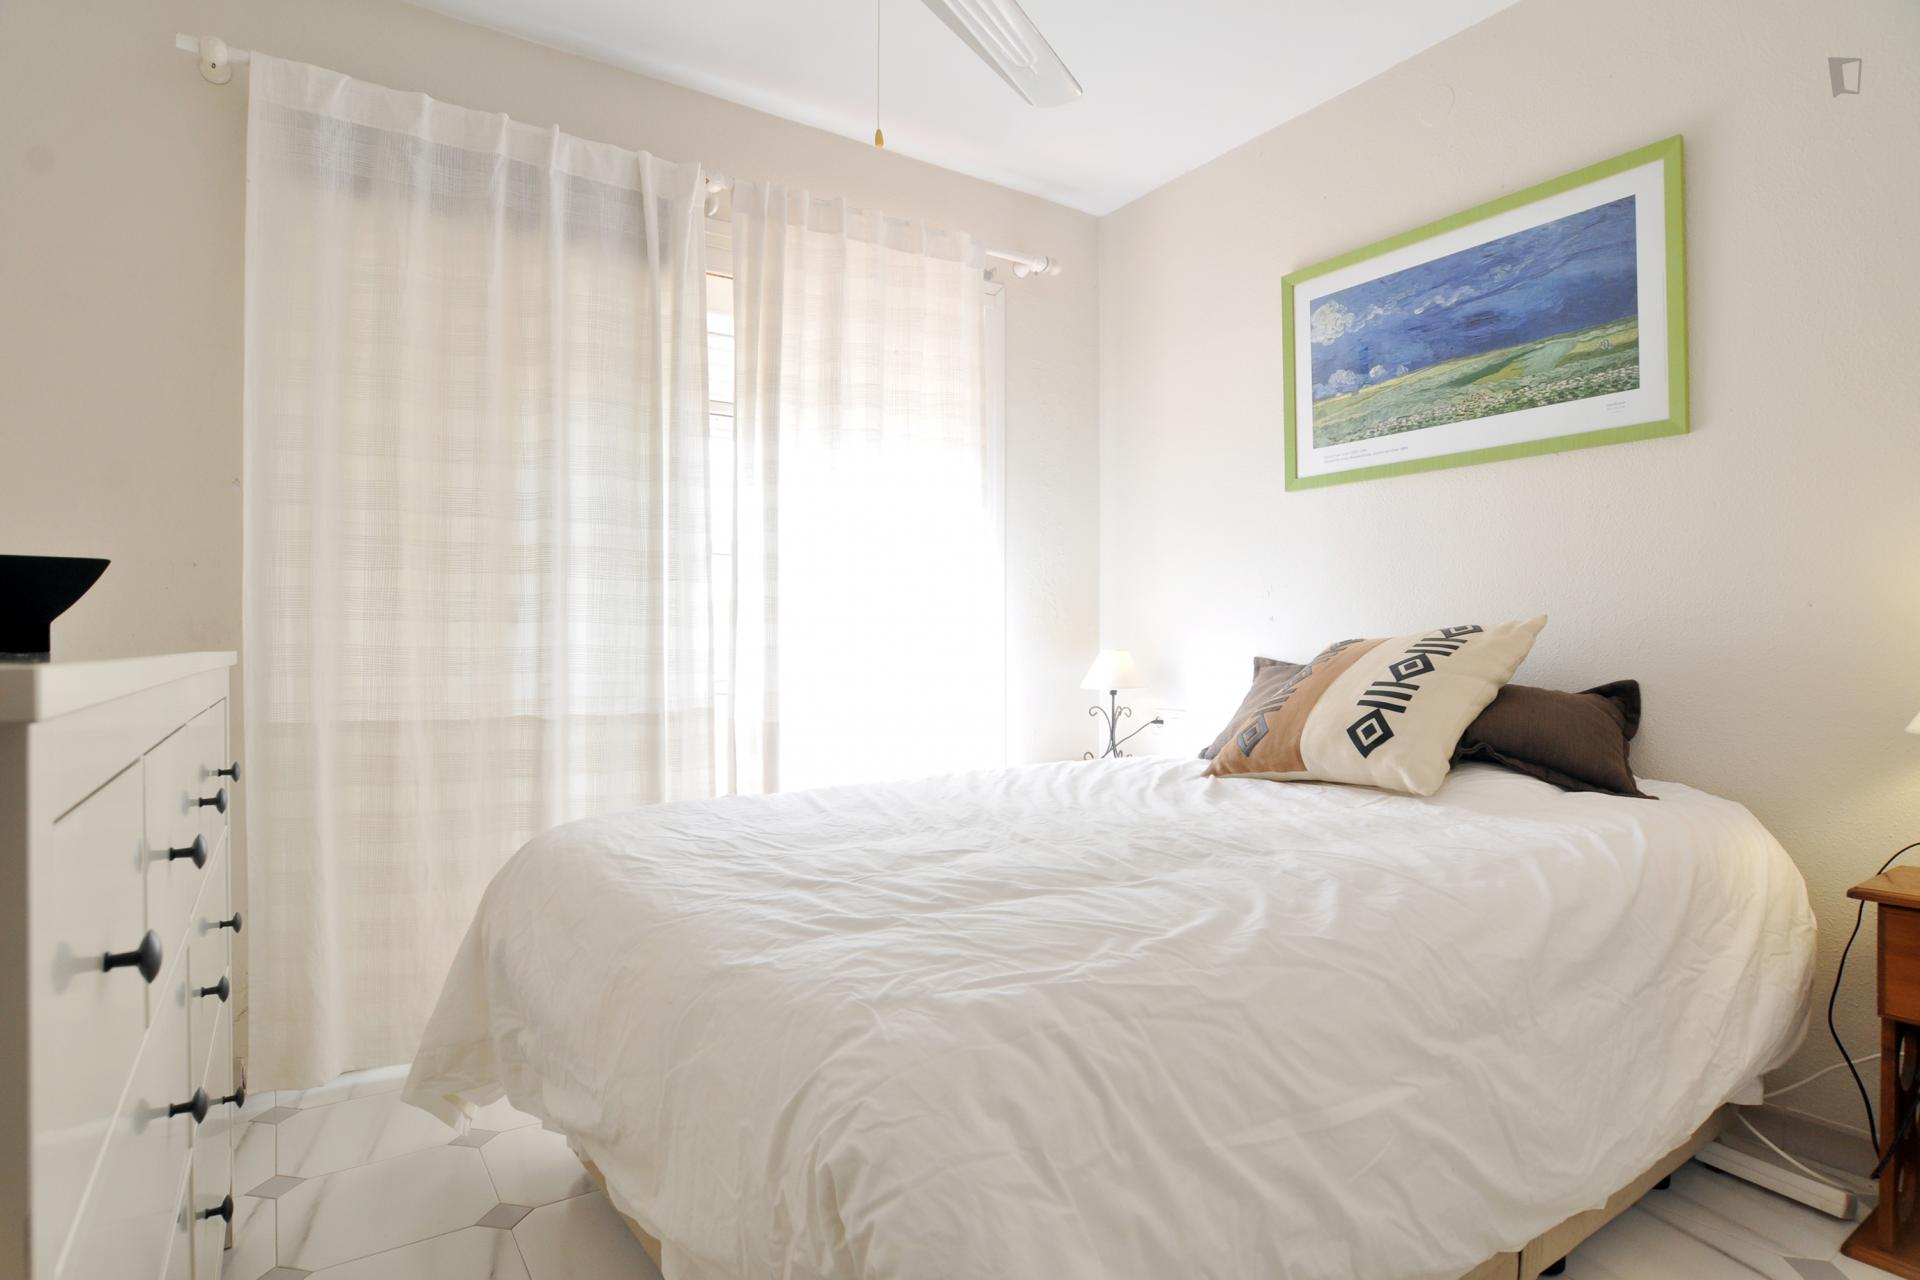 Zeus- Quiet and Nice apartment in Malaga